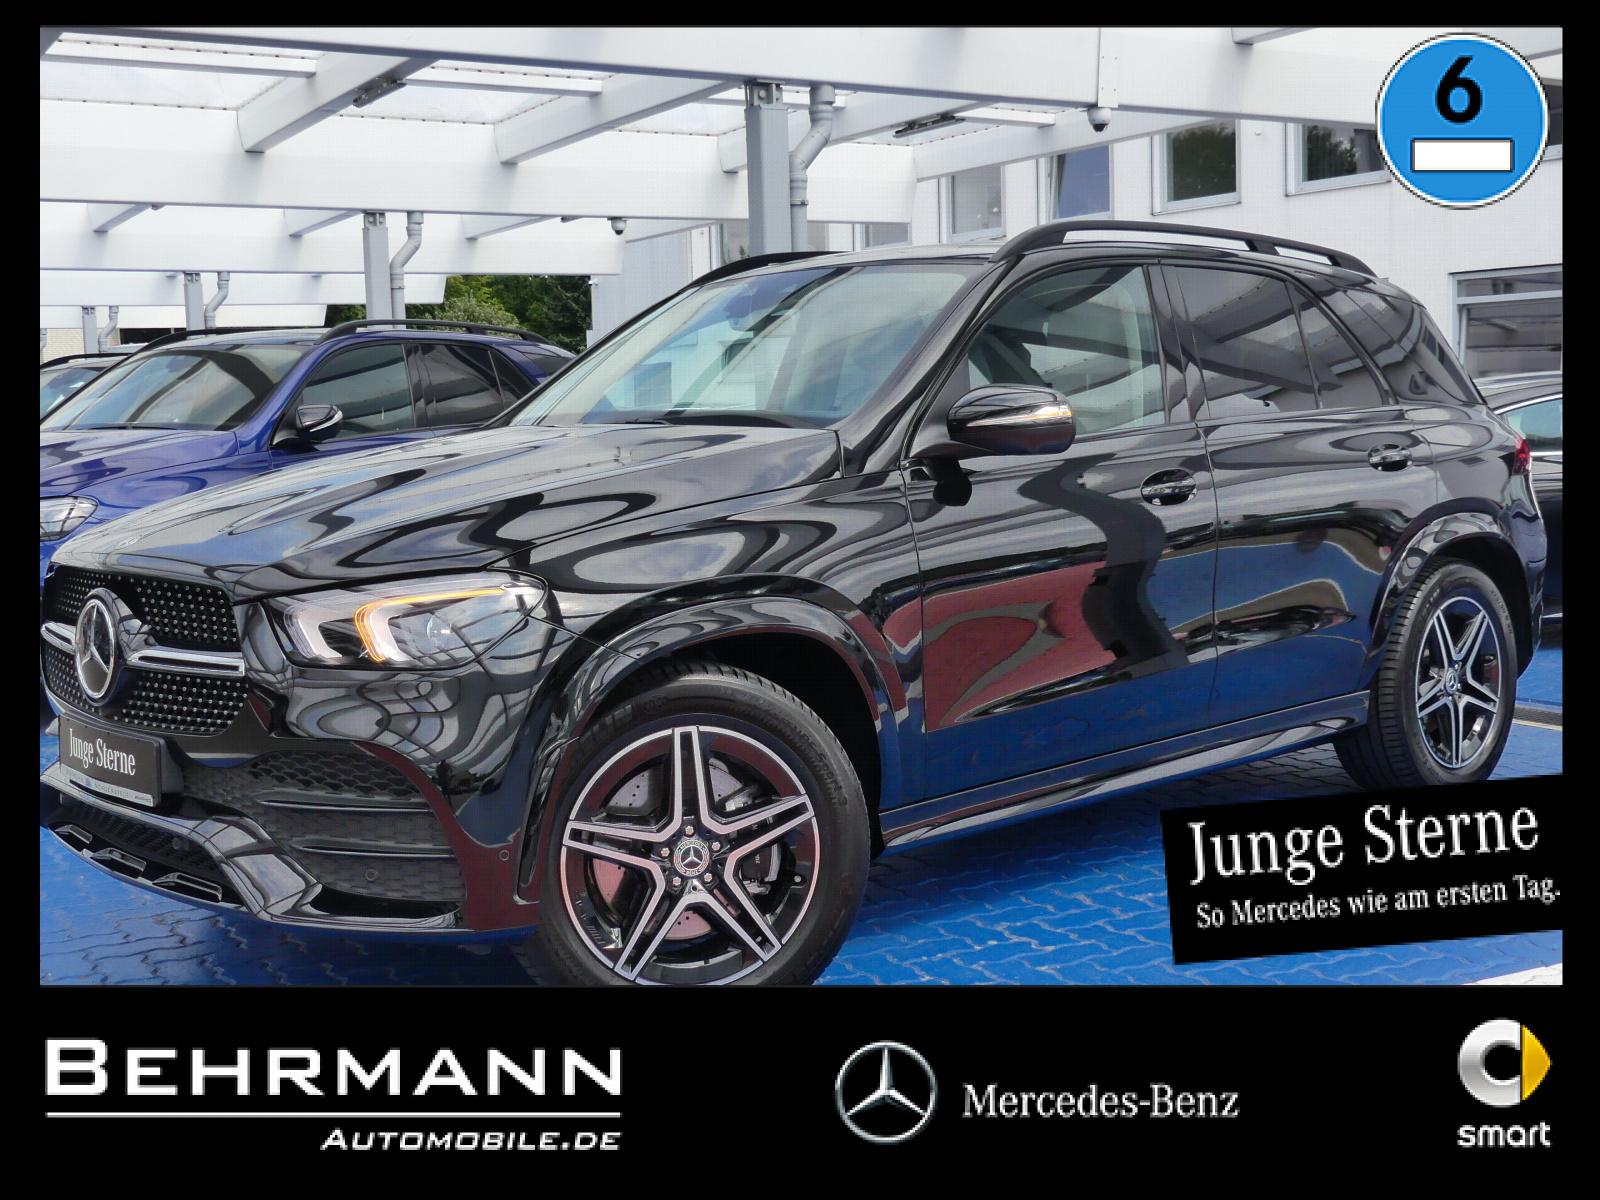 Mercedes-Benz GLE 300d AMG 4M +Distronic+360°Kam+LED-Scheinw.+, Jahr 2020, Diesel